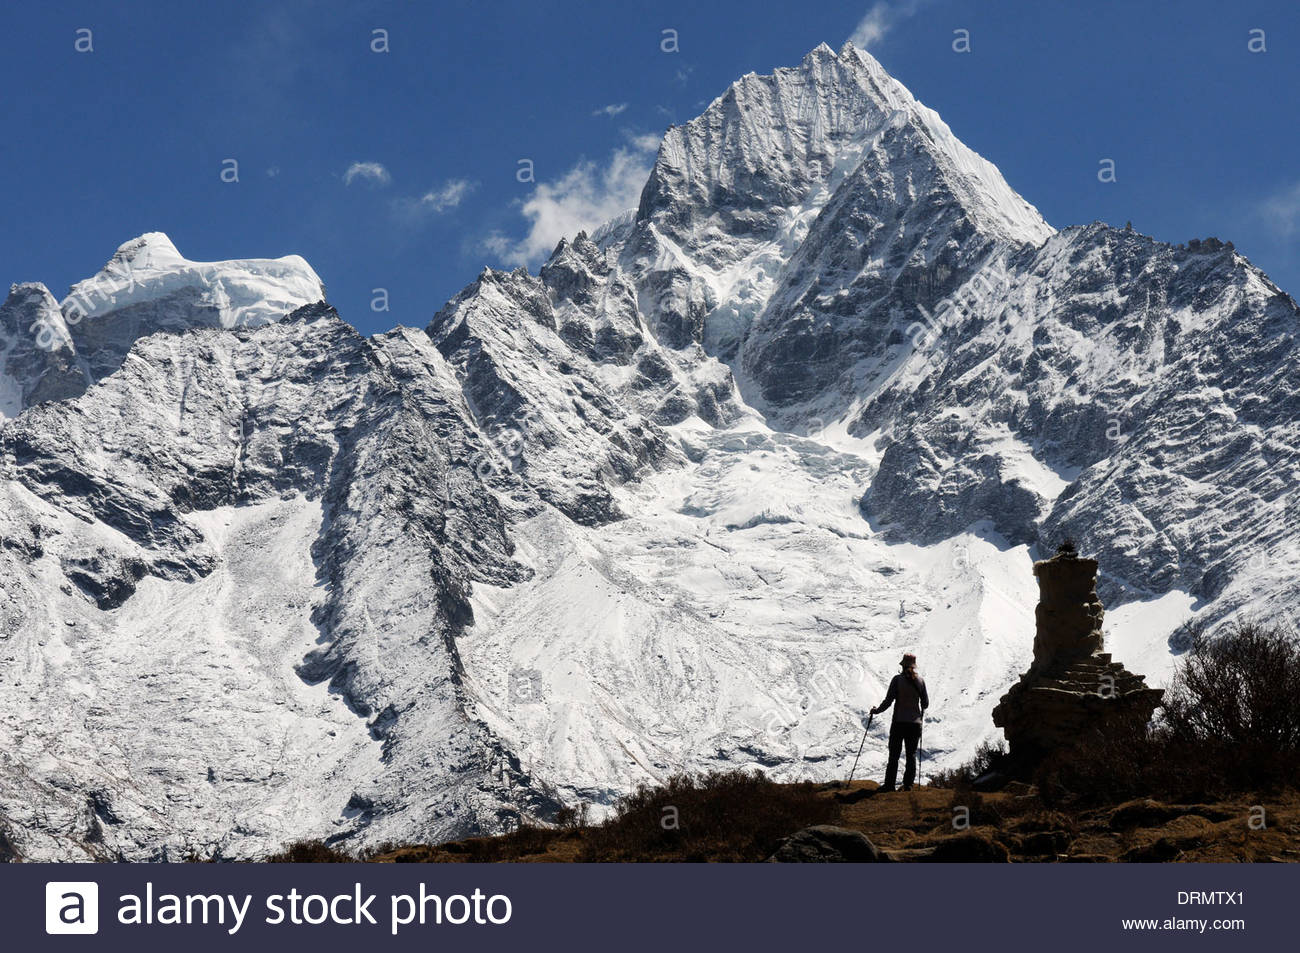 A trekker in silhouette against Thamserku near Khumjung on the Everest Base Camp trek - Stock Image